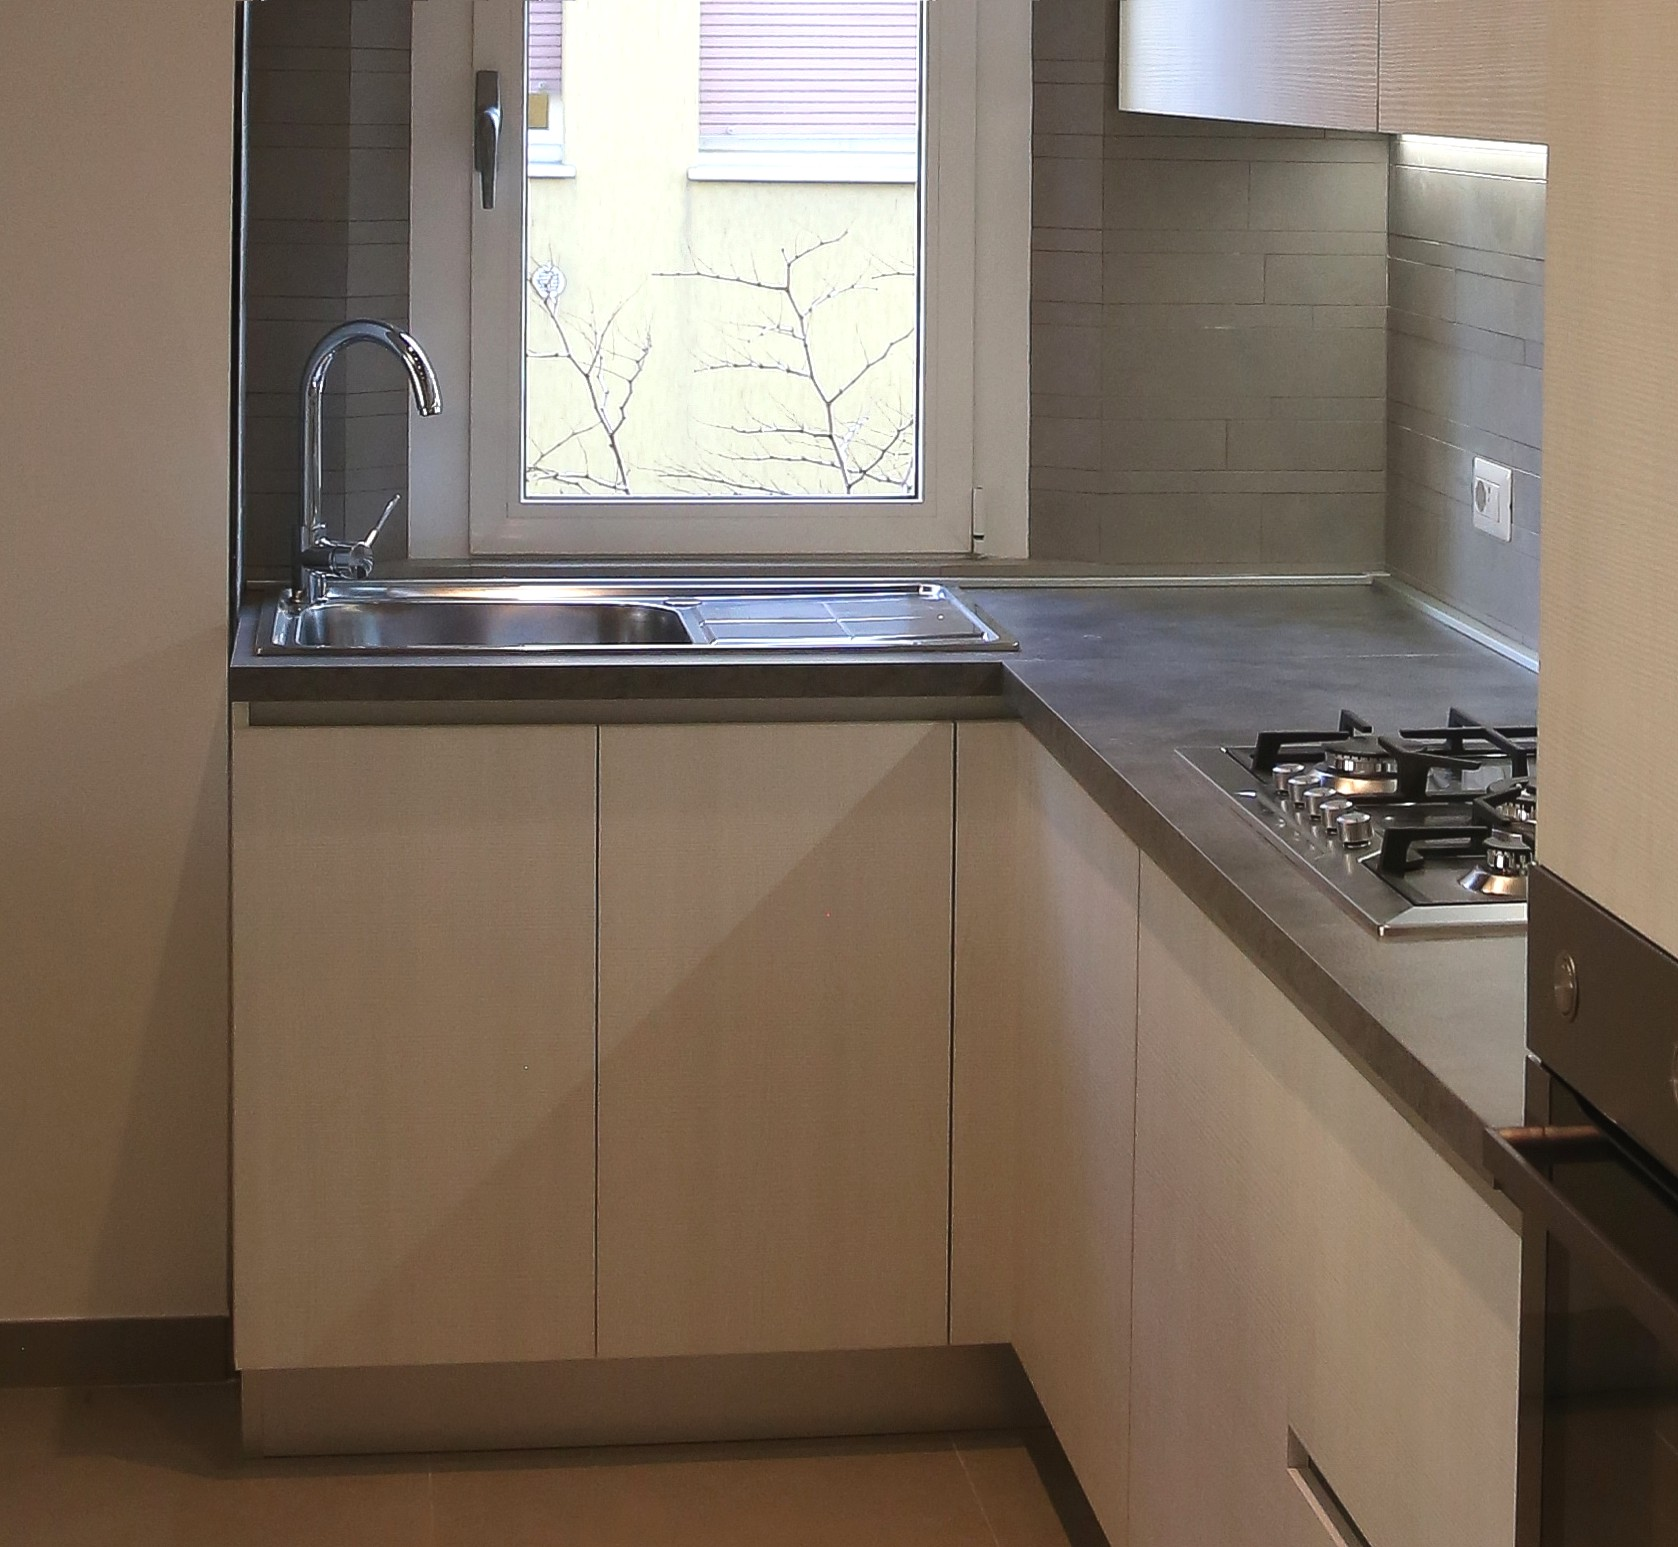 Cucina su misura casa del mobile rimini - Top lavello cucina ...